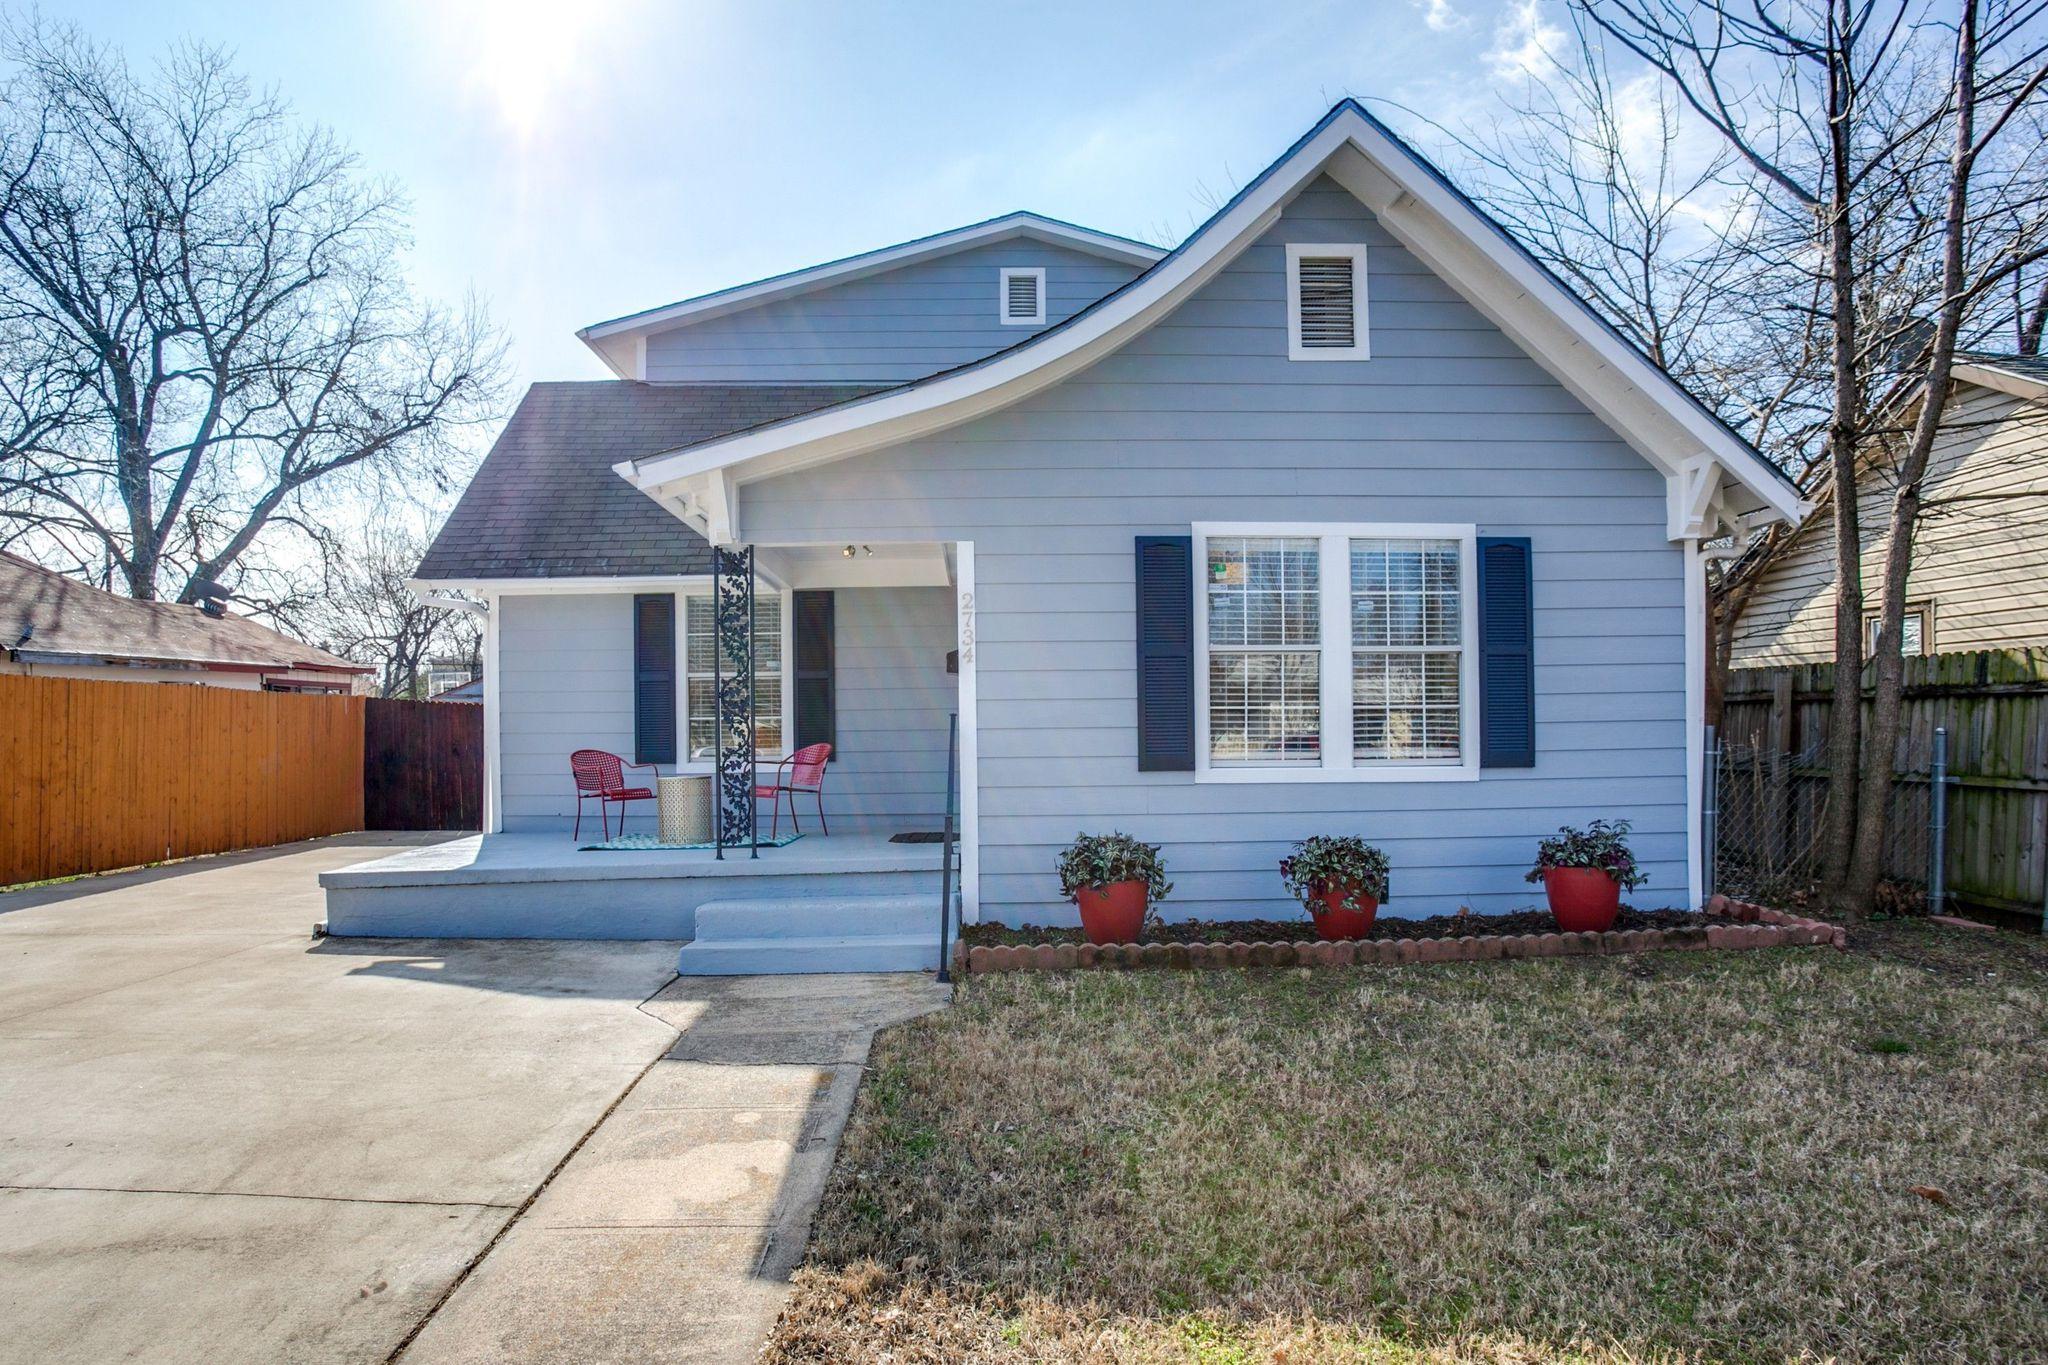 2734 Wilton Ave, Dallas, TX 75211 - Estimate and Home Details | Trulia